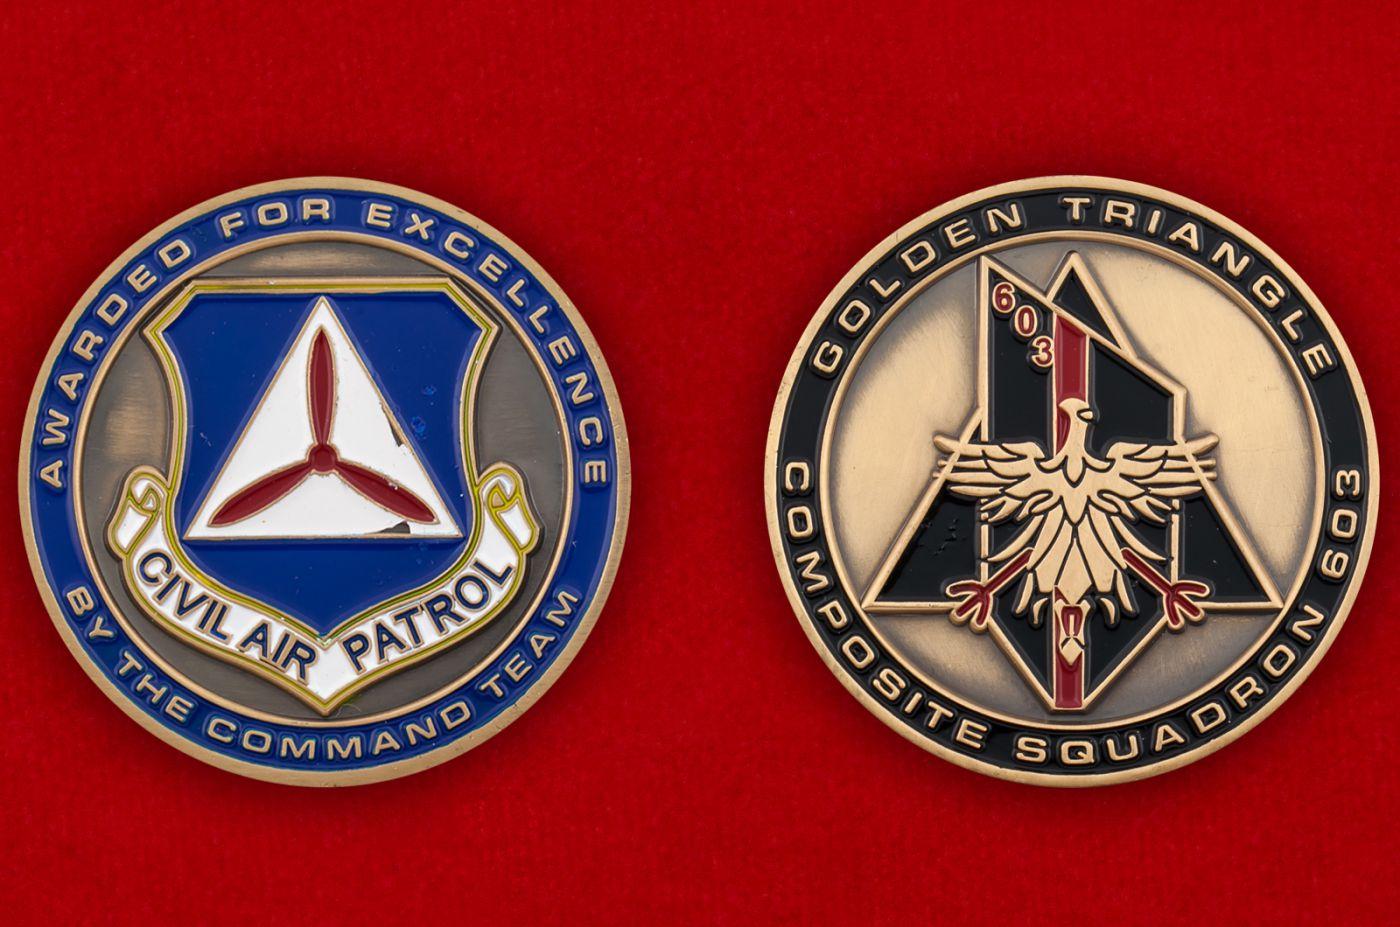 Челлендж коин 603-ей эскадрильи Гражданского Воздушного Патруля - аверс и реверс